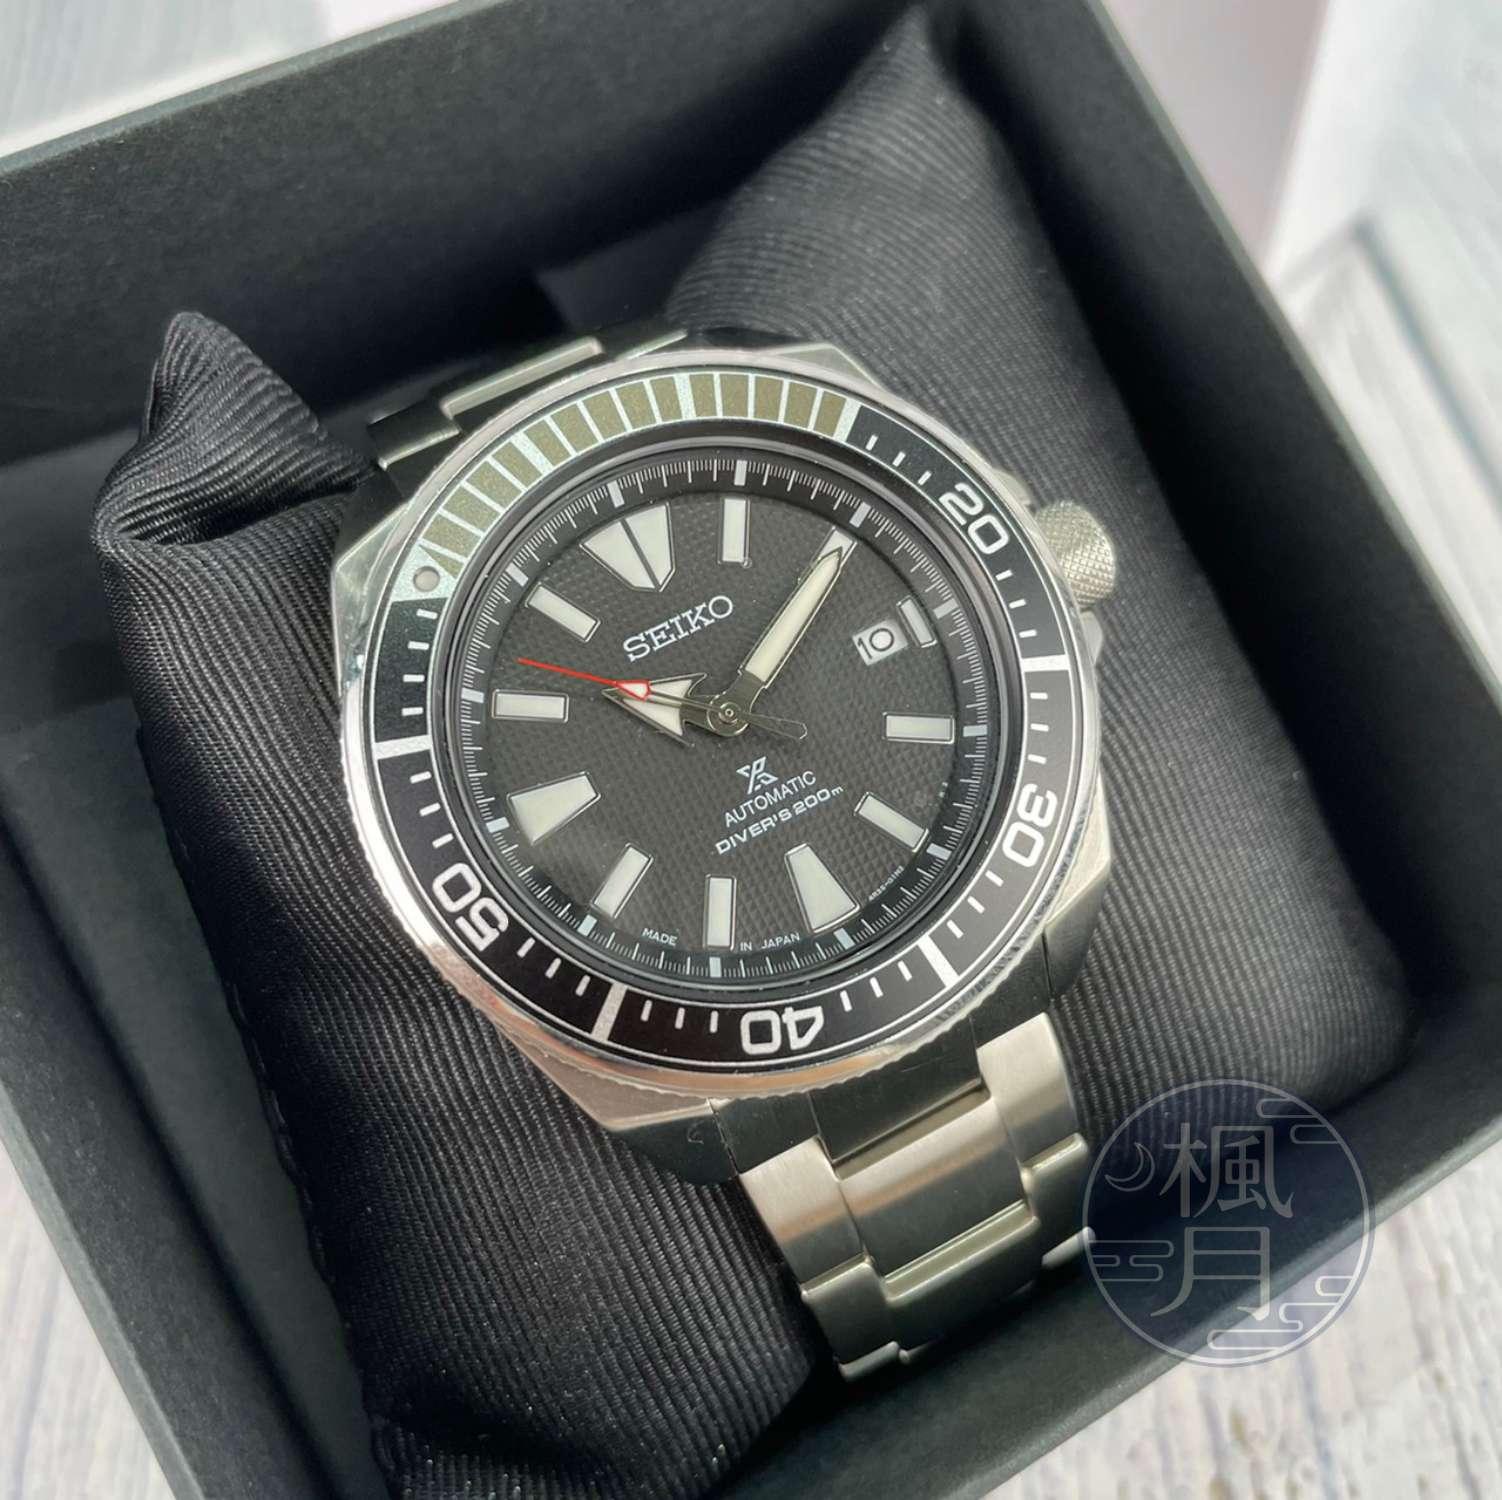 BRAND楓月 SEIKO 精工 4R35-01V0D PROSPEX DIVER SCUBA 黑色機械錶 防水200M